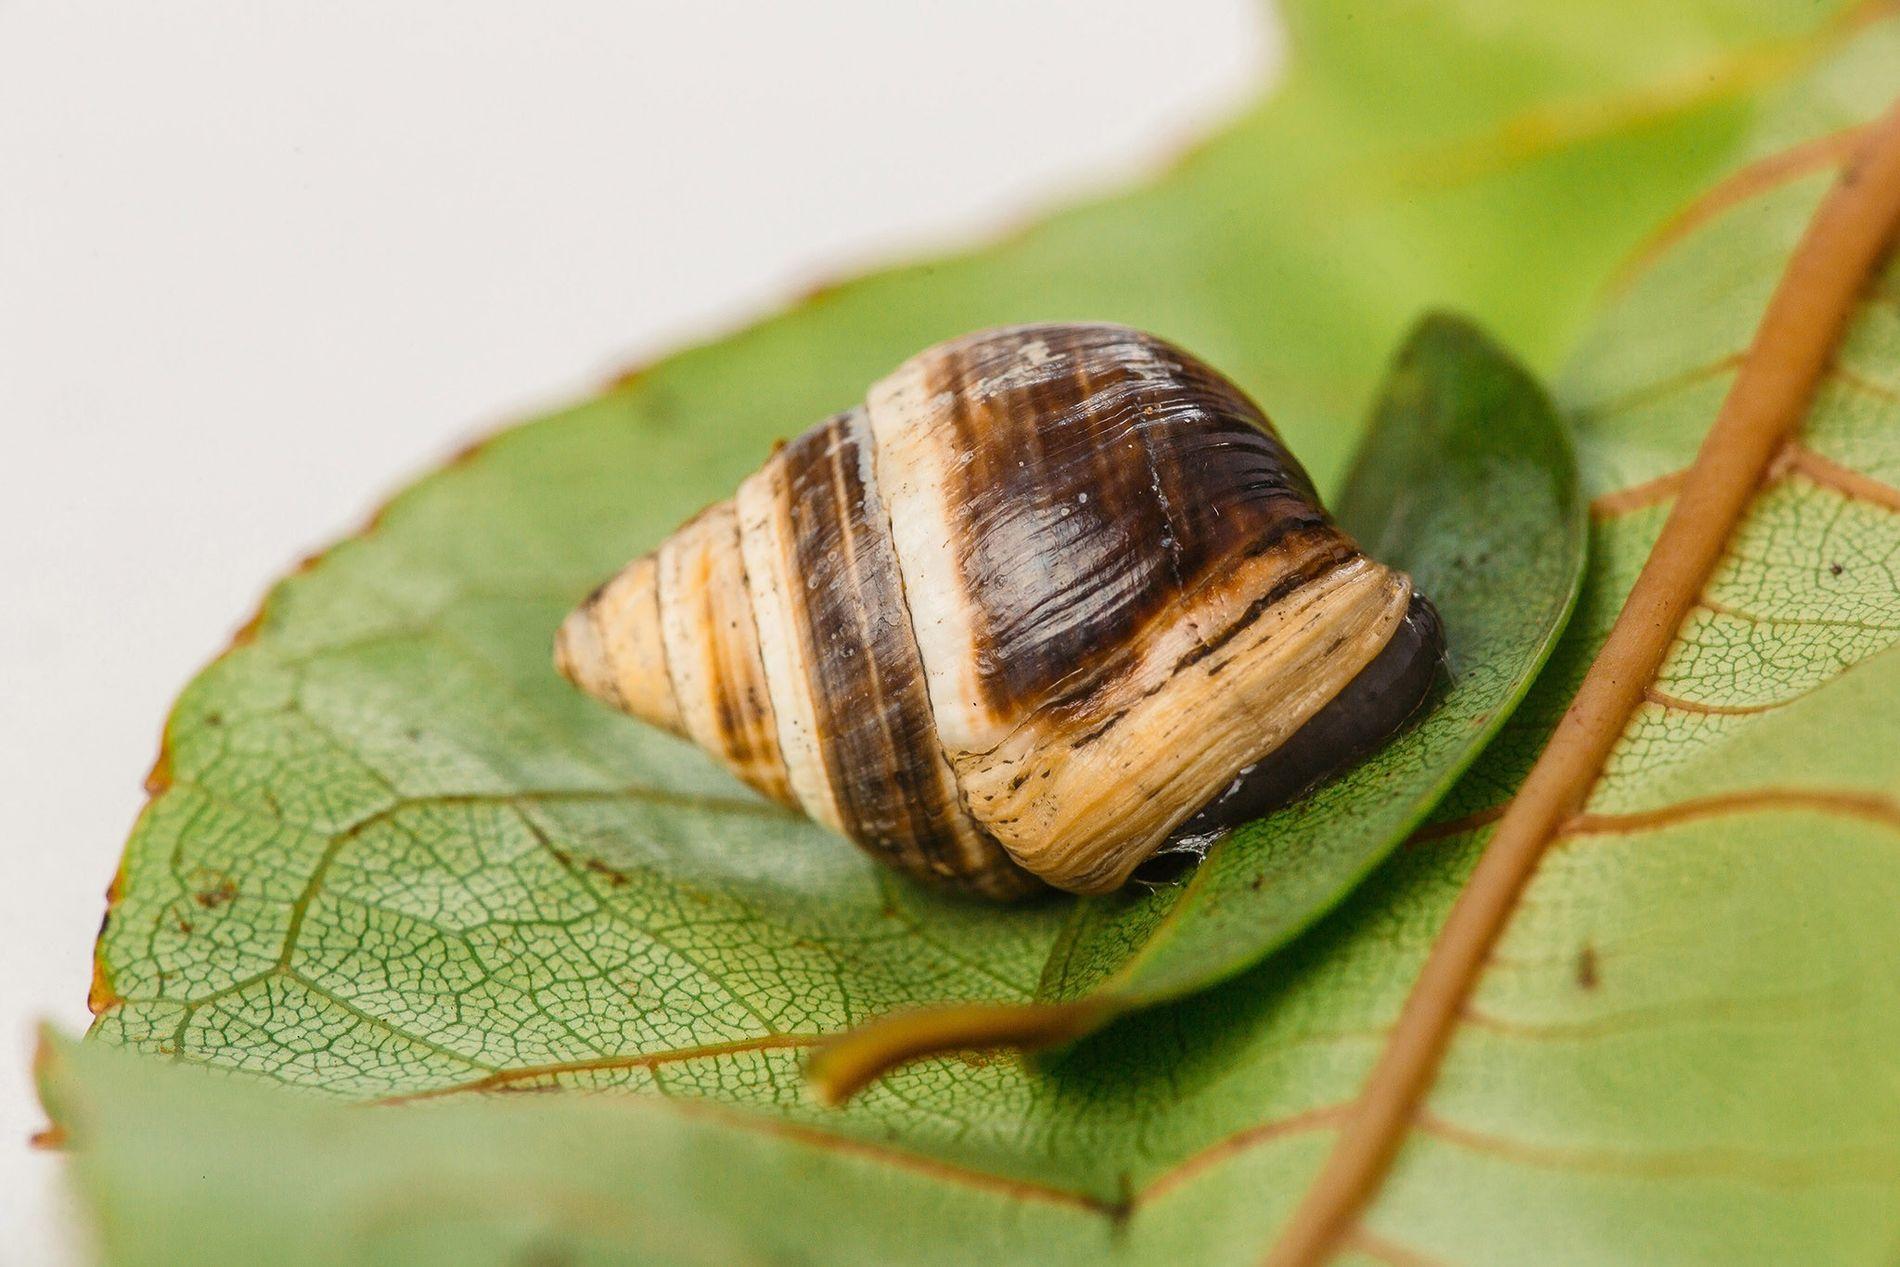 George, el caracol de la especie Achatinella apexfulva, murió el 1 de enero de 2019 con ...